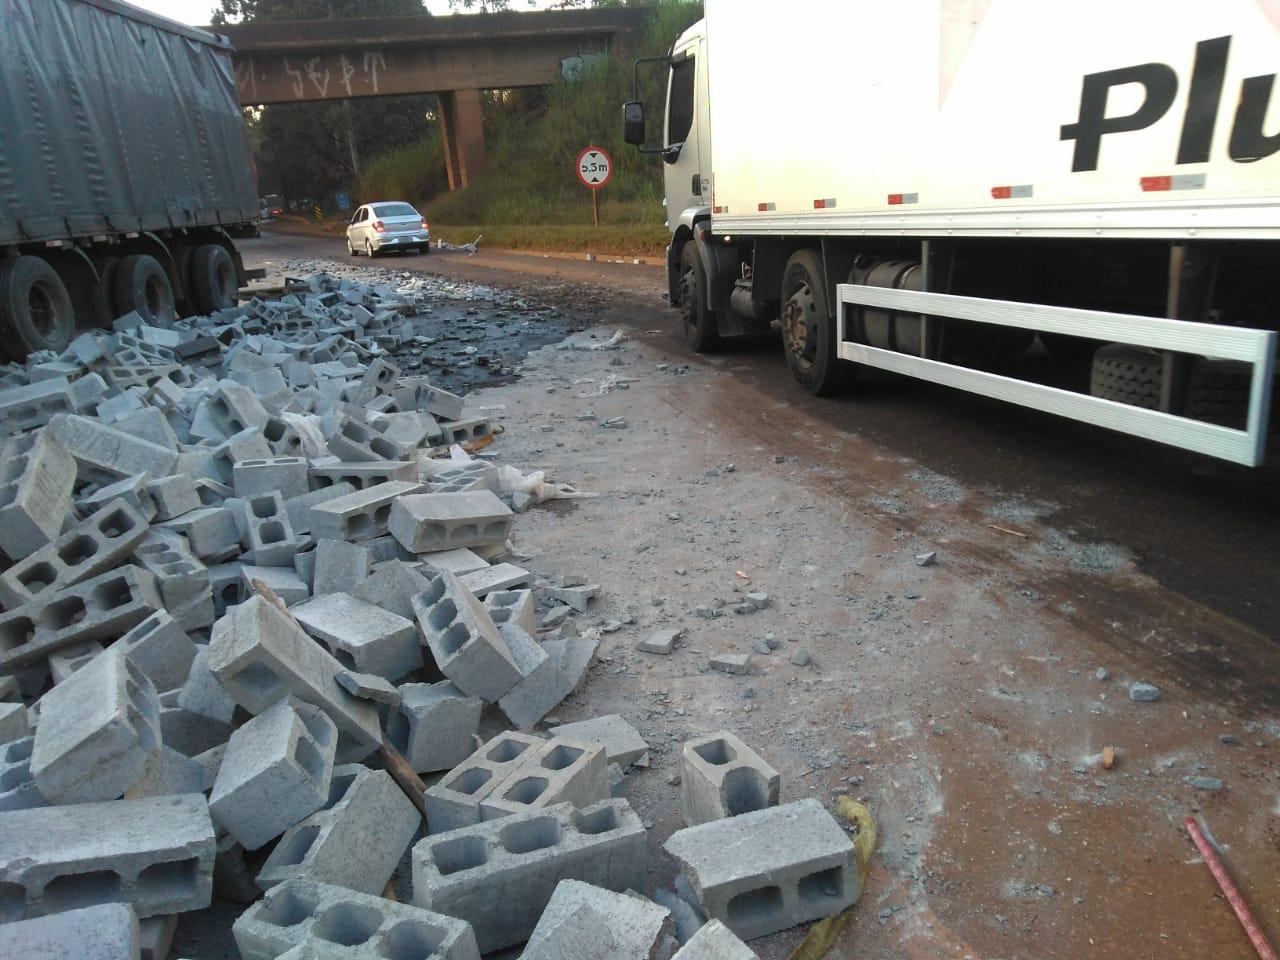 Acidente mata uma pessoa e deixa outra ferida na BR-040, em Ouro Preto - Foto: Divulgação/Via 040